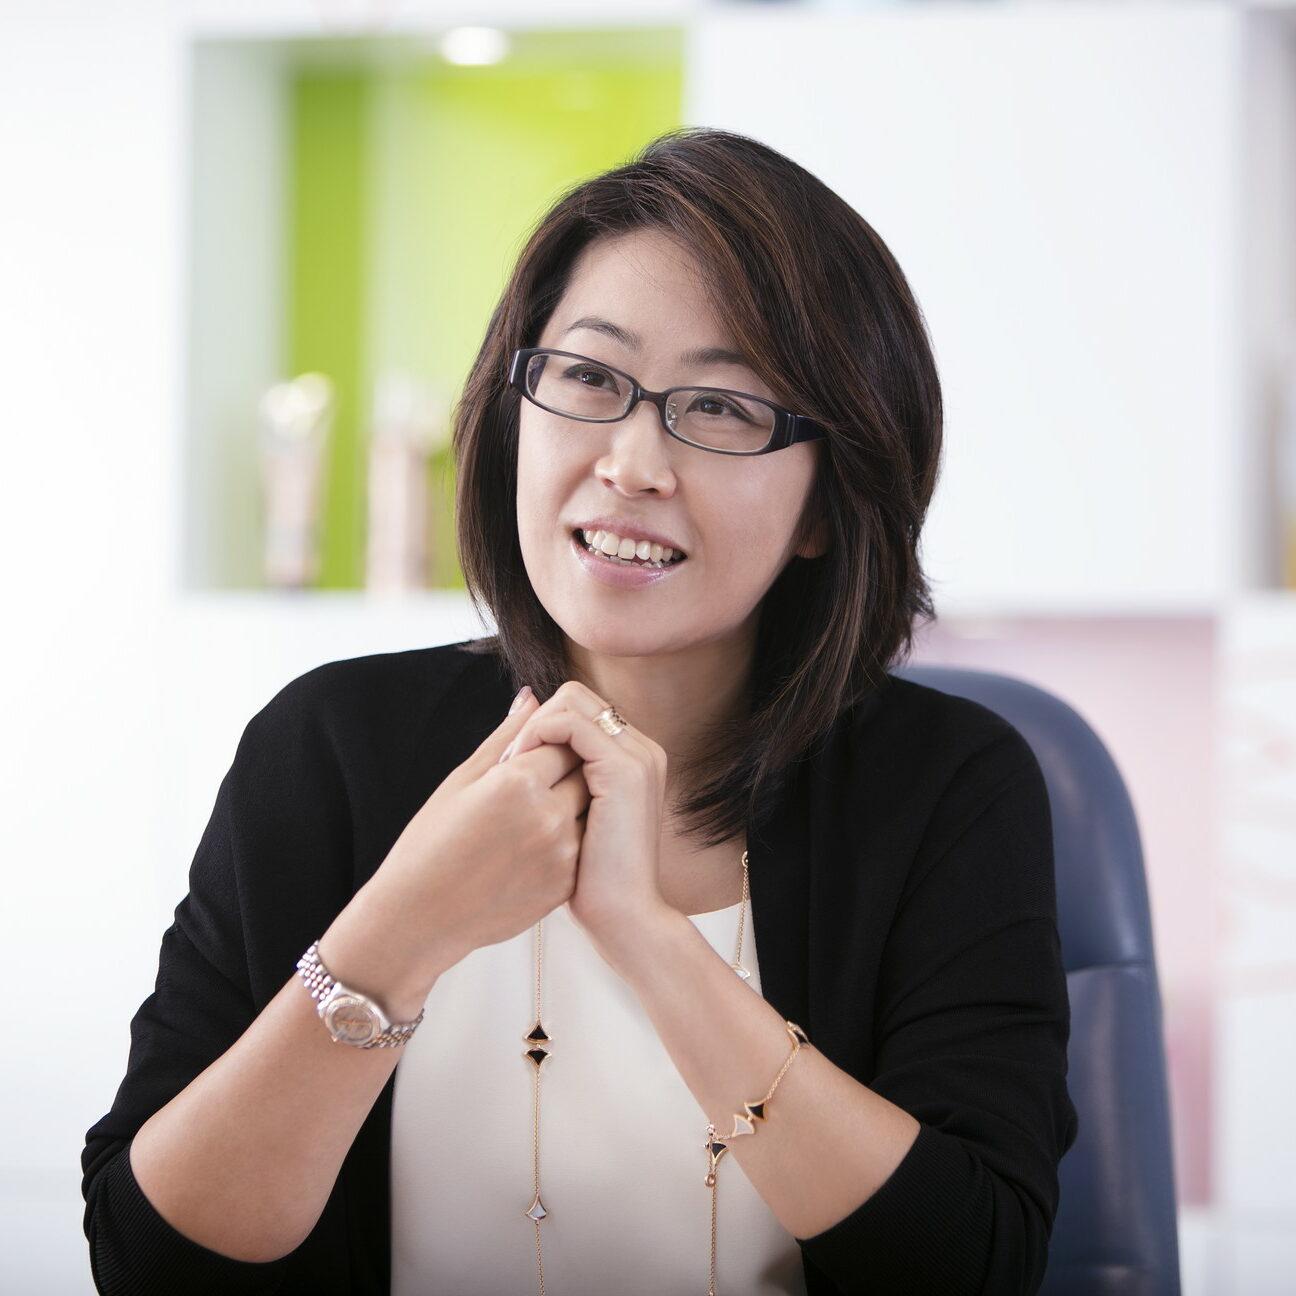 shimada yuka